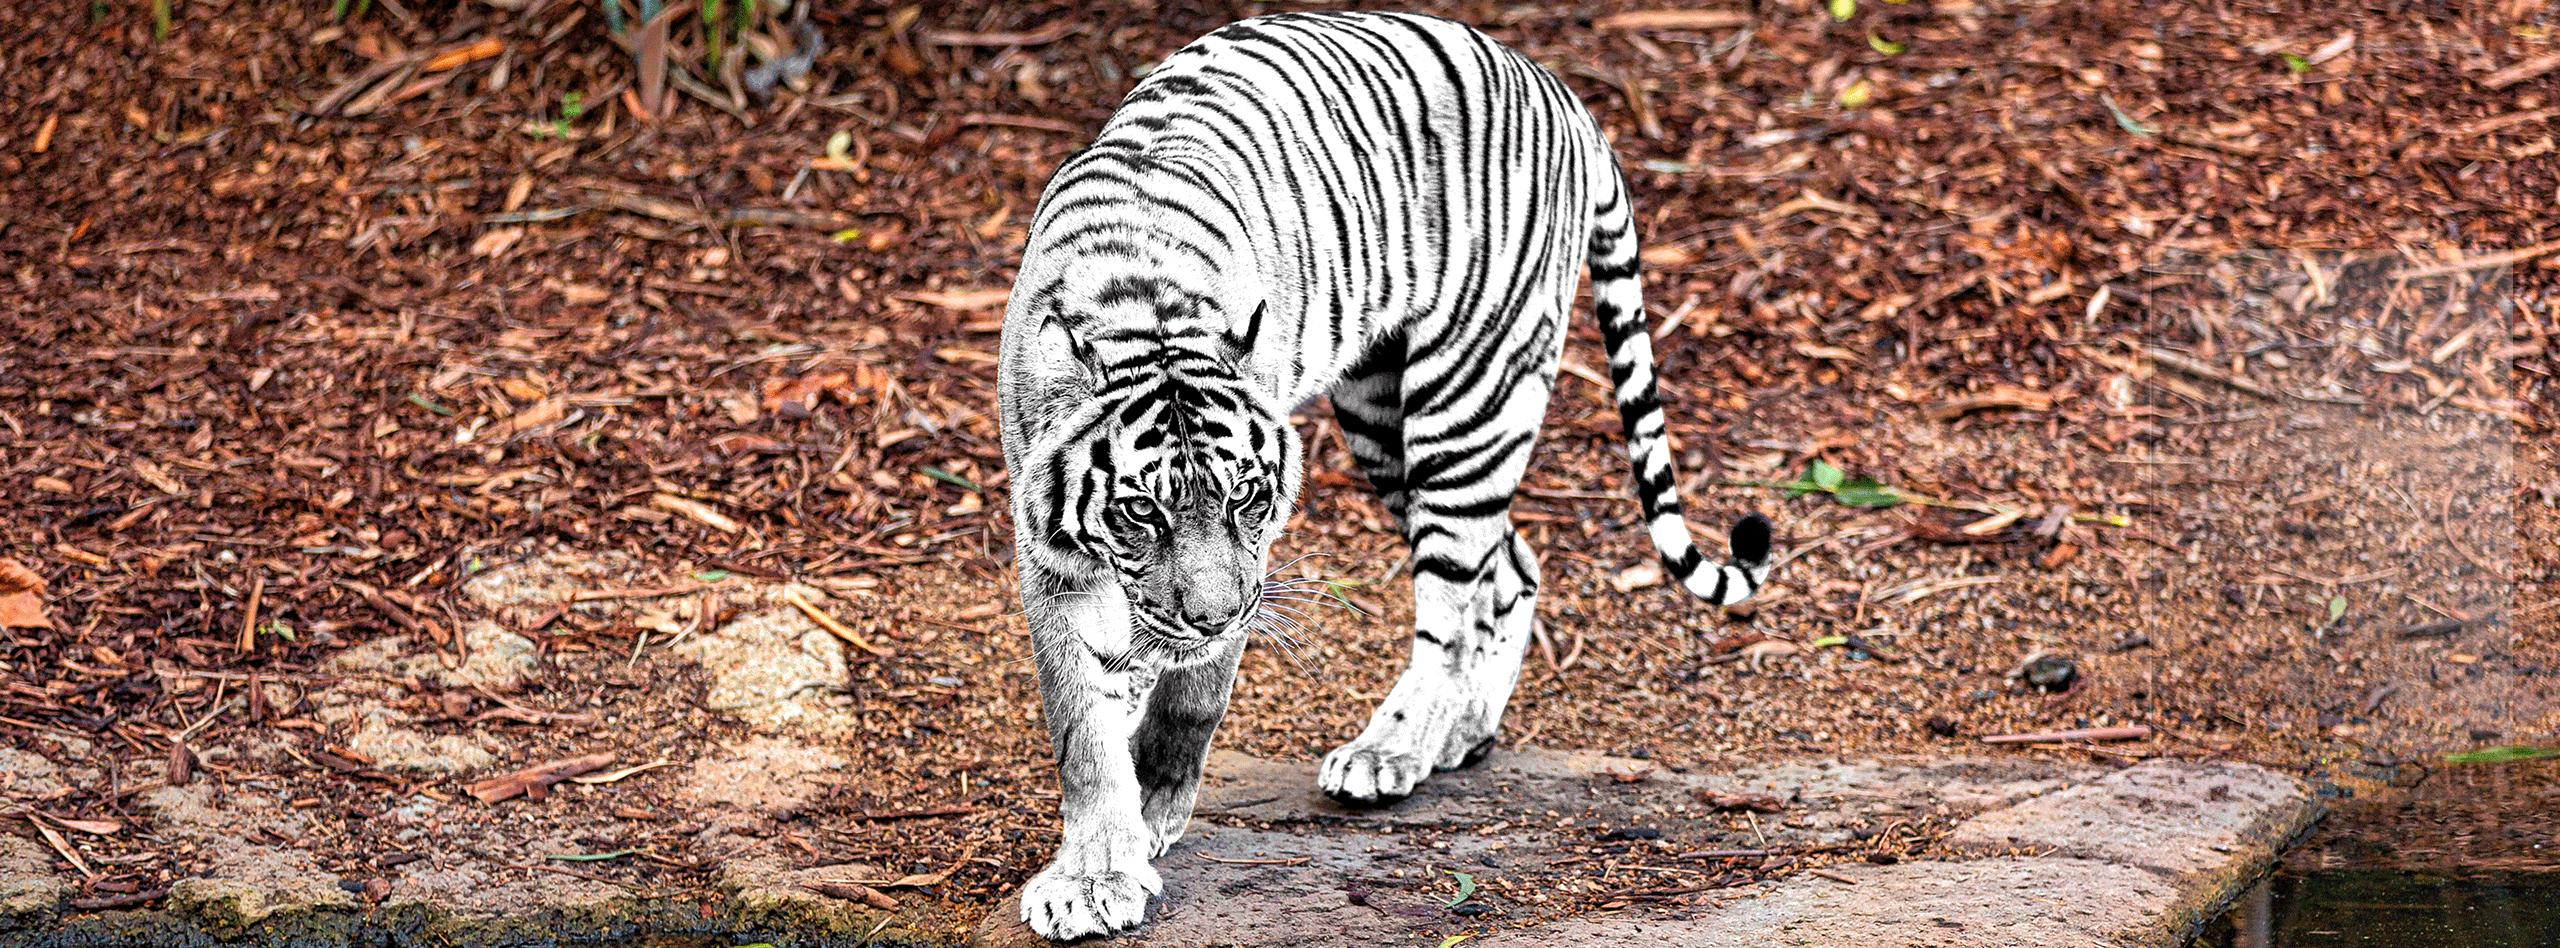 Anti-culture в рекламе, или Почему слухи о том, что тигр копипастнул окрас у зебры, — неправда